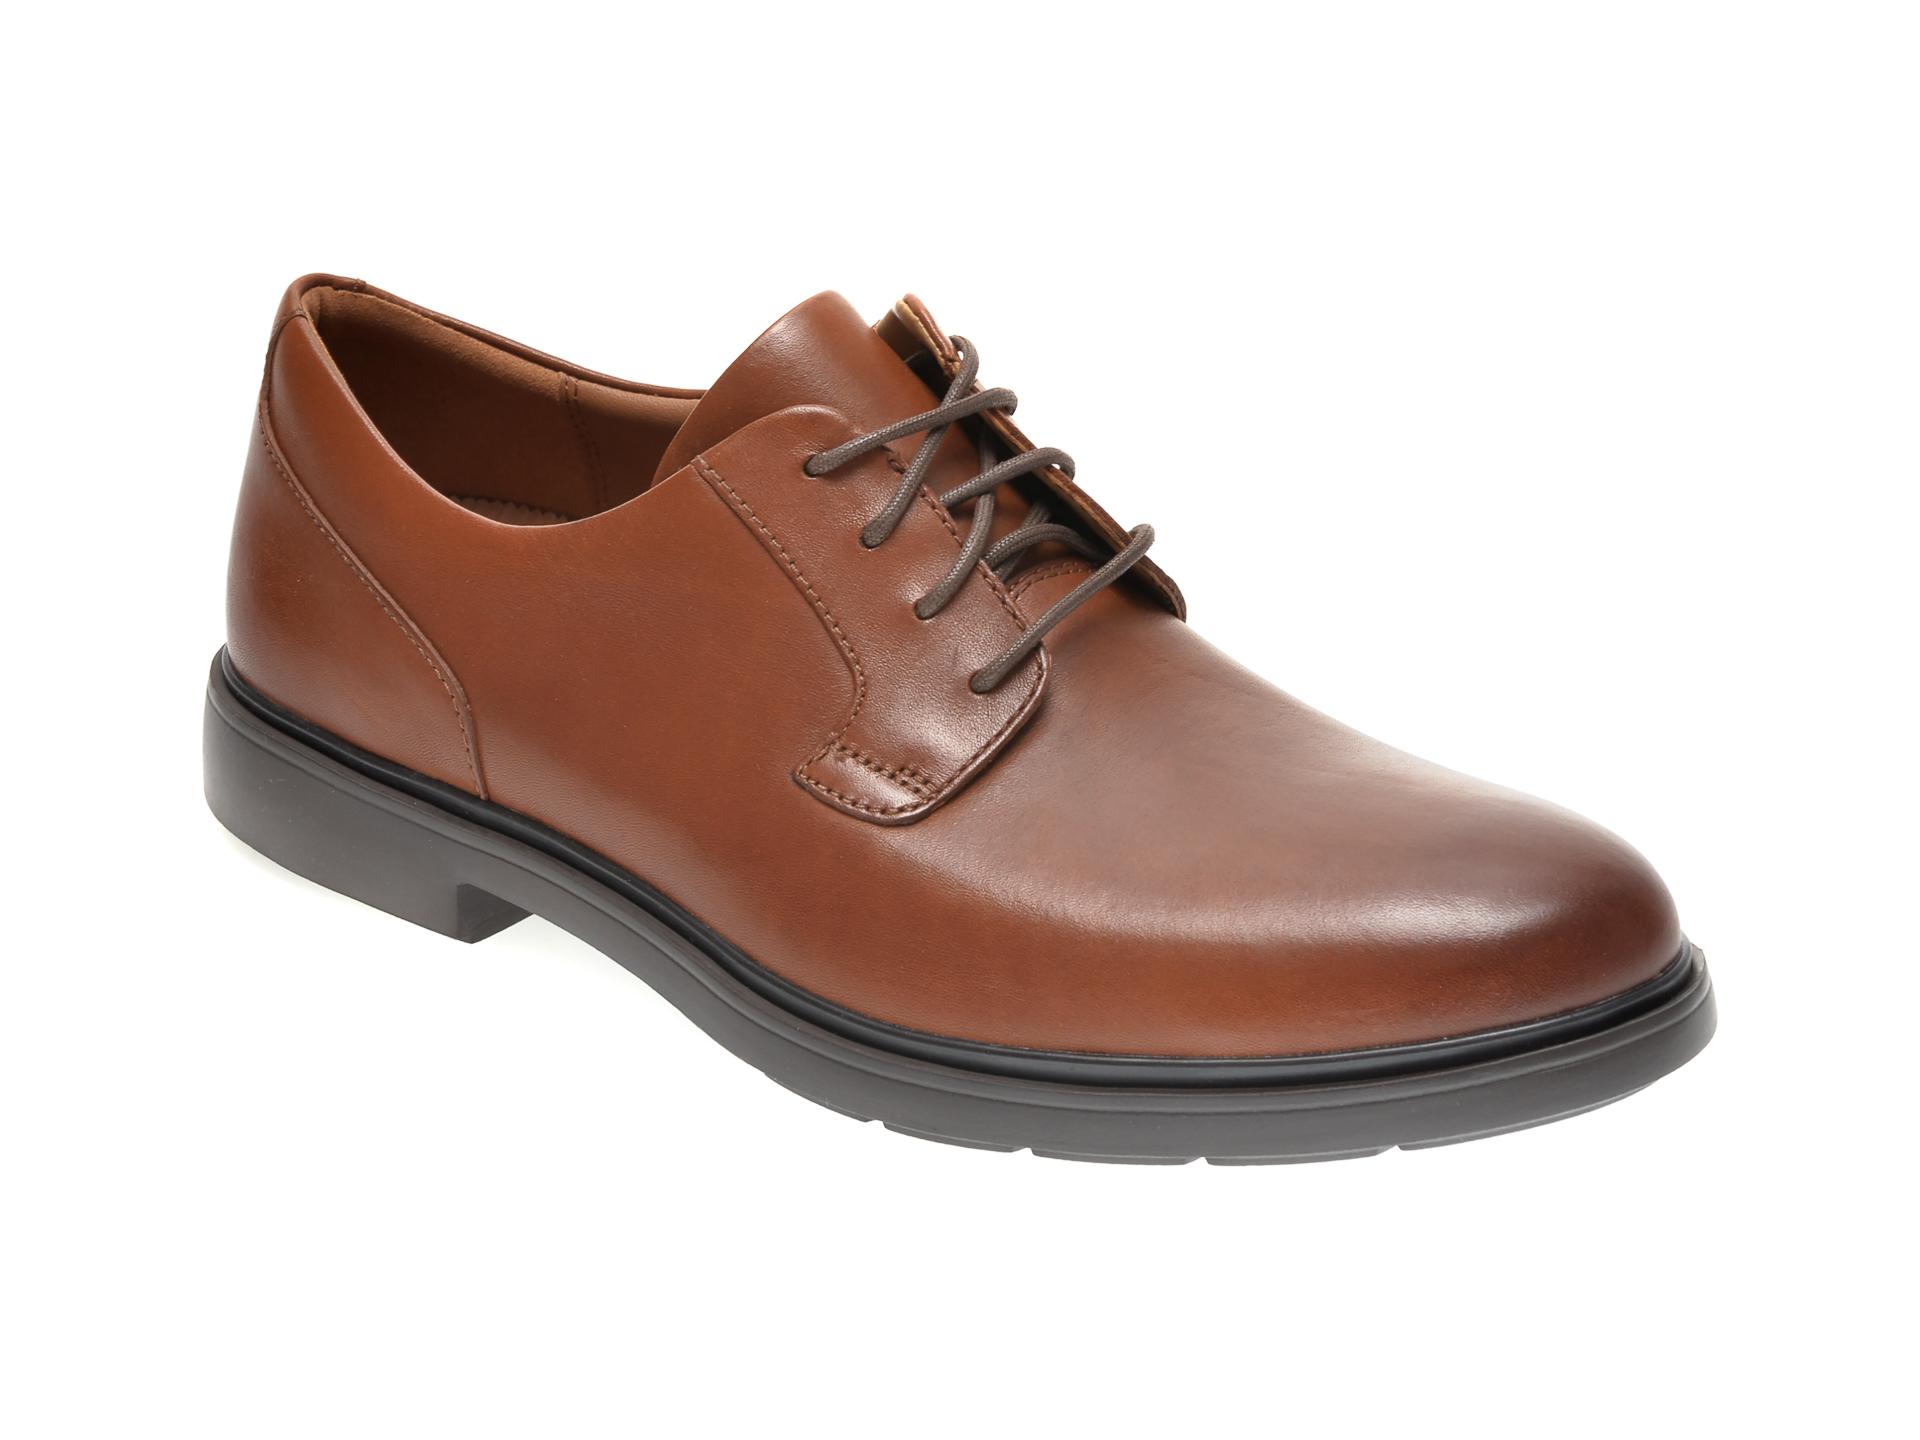 Pantofi CLARKS maro, UN TAILOR TIE, din piele naturala imagine